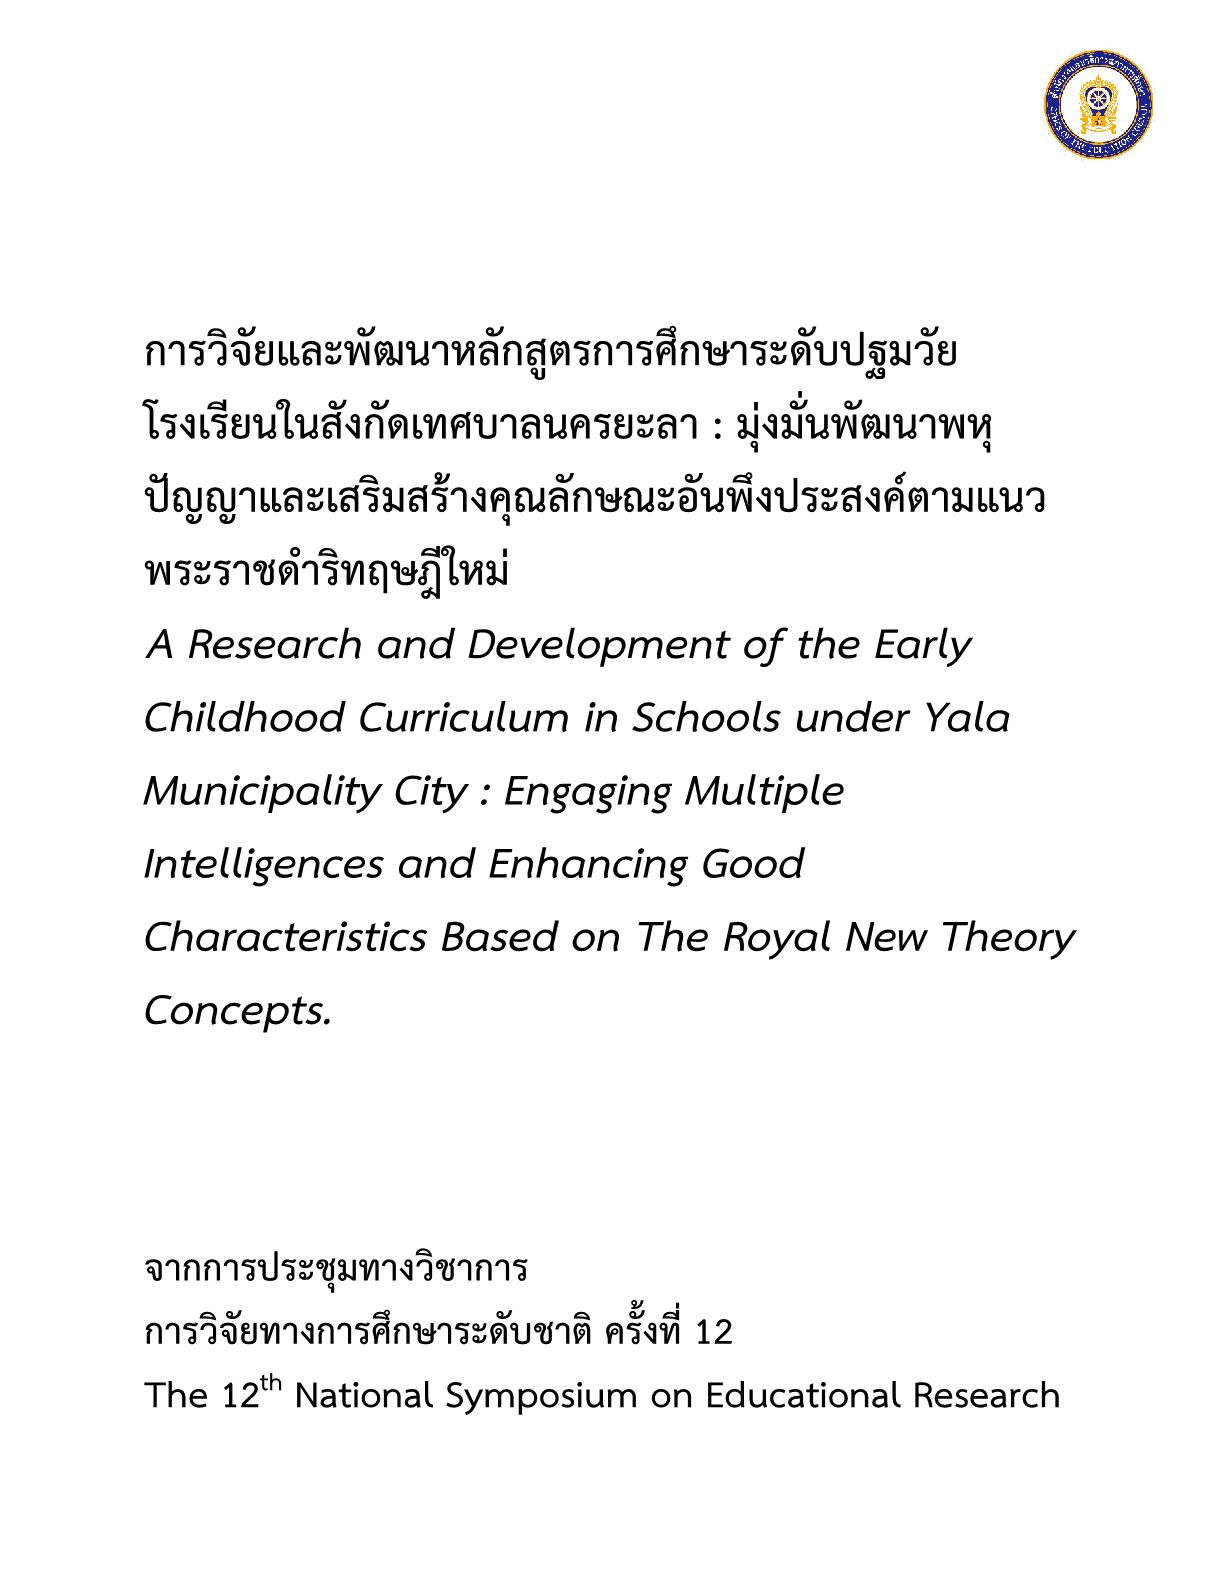 การวิจัยและพัฒนาหลักสูตรการศึกษาระดับปฐมวัย โรงเรียนในสังกัดเทศบาลนครยะลา : มุ่งมั่นพัฒนาพหุปัญญาและเสริมสร้างคุณลักษณะอันพึงประสงค์ตามแนวพระราชดำริทฤษฎีใหม่